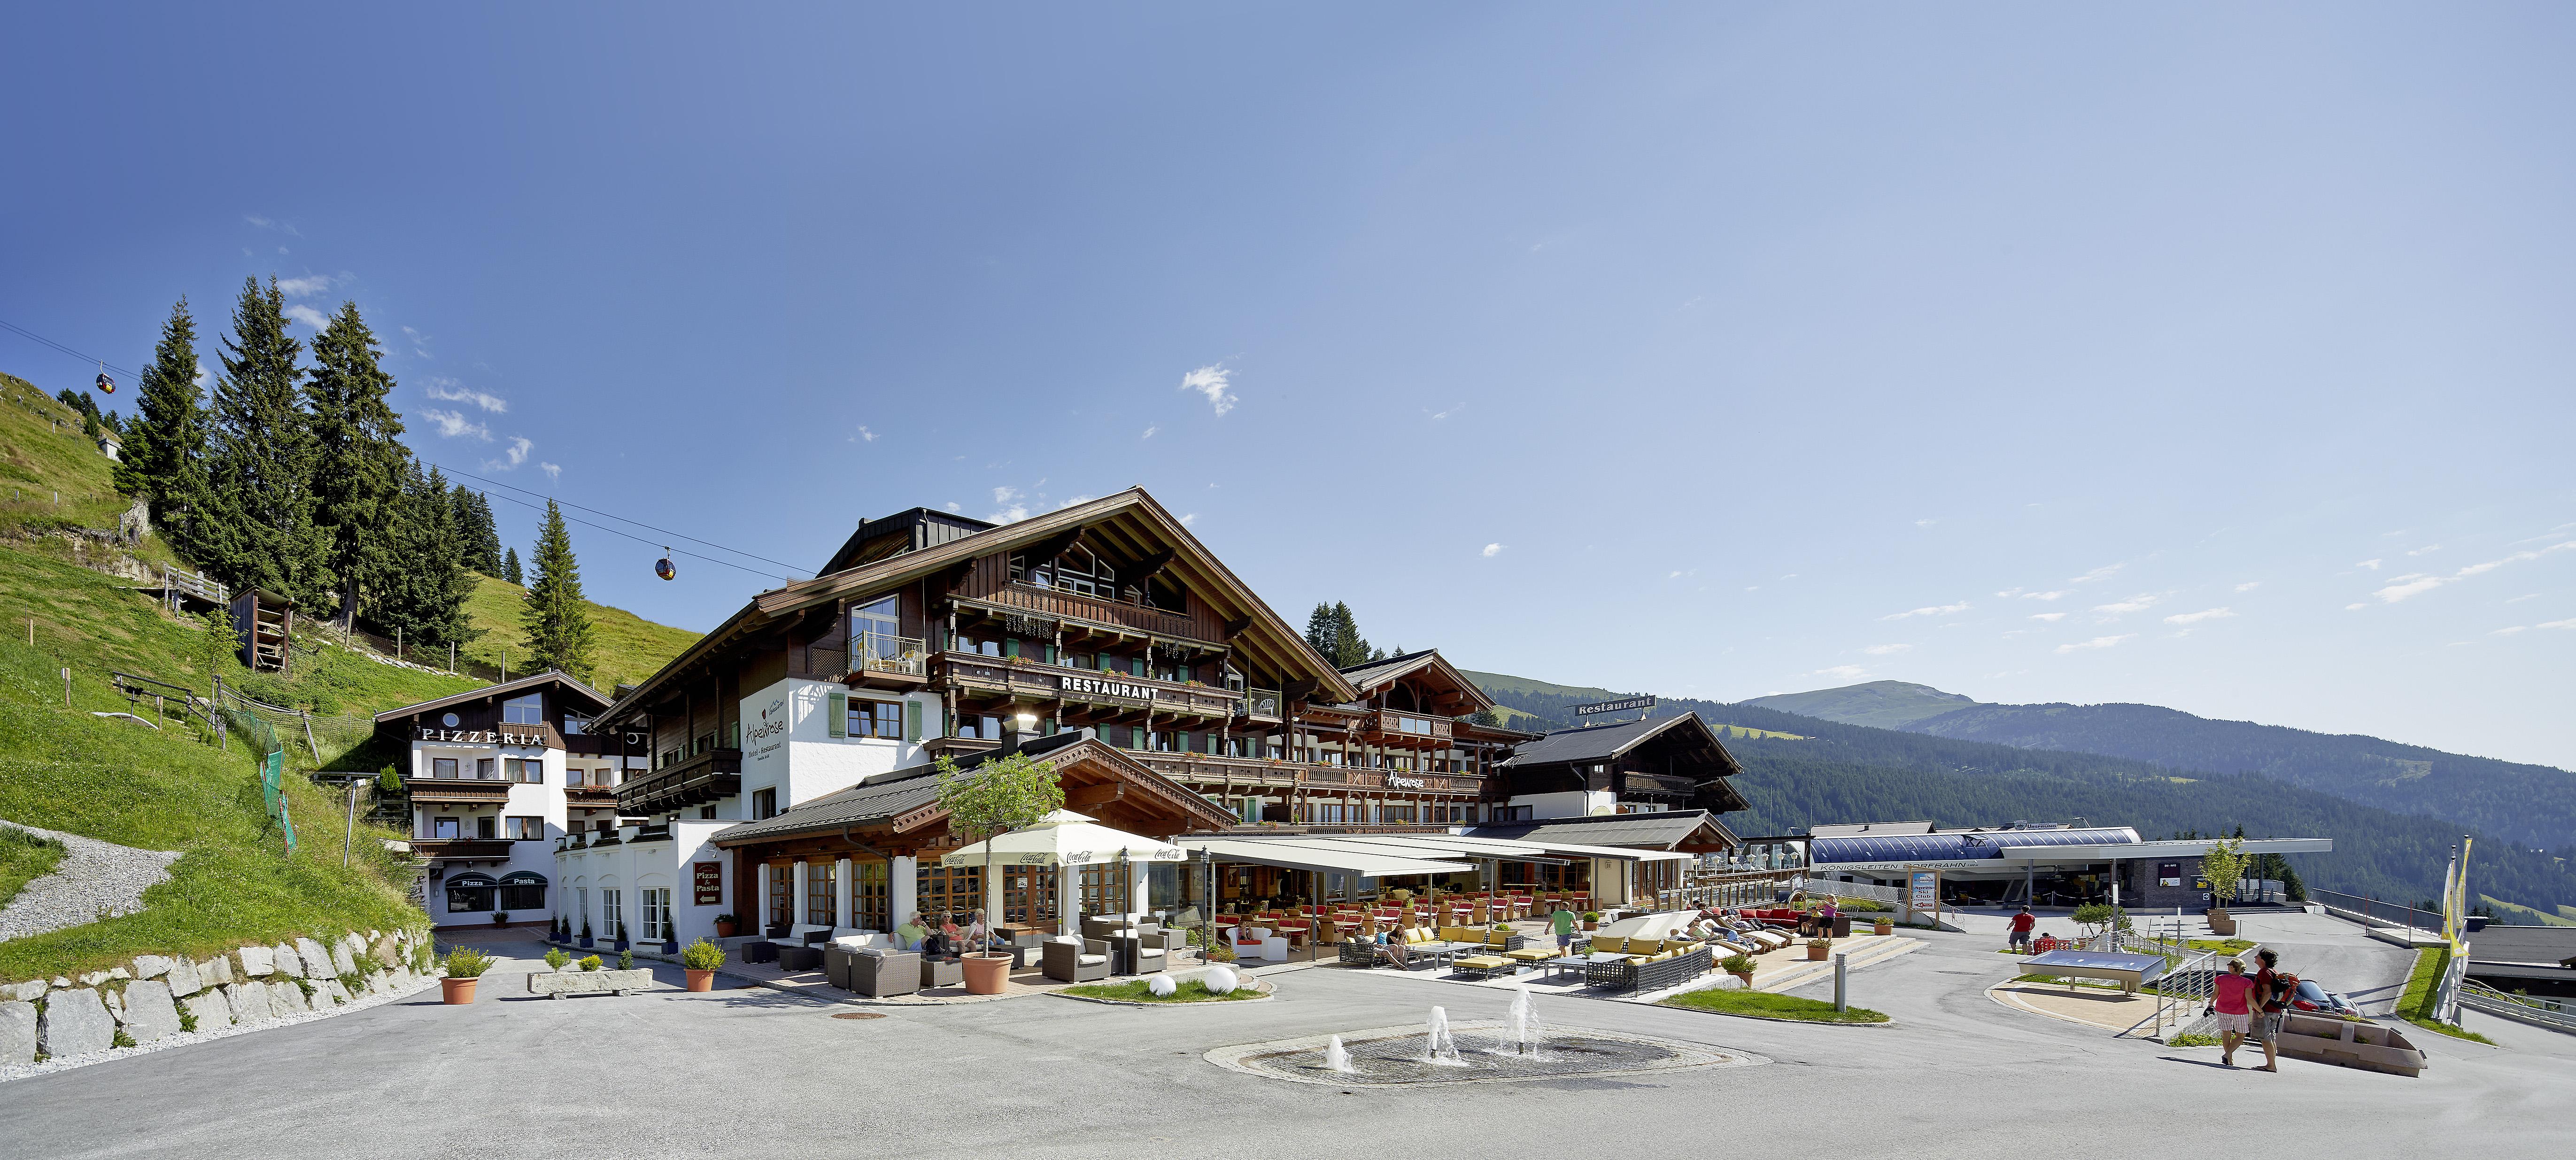 Alpenwelt Resort im Sommer